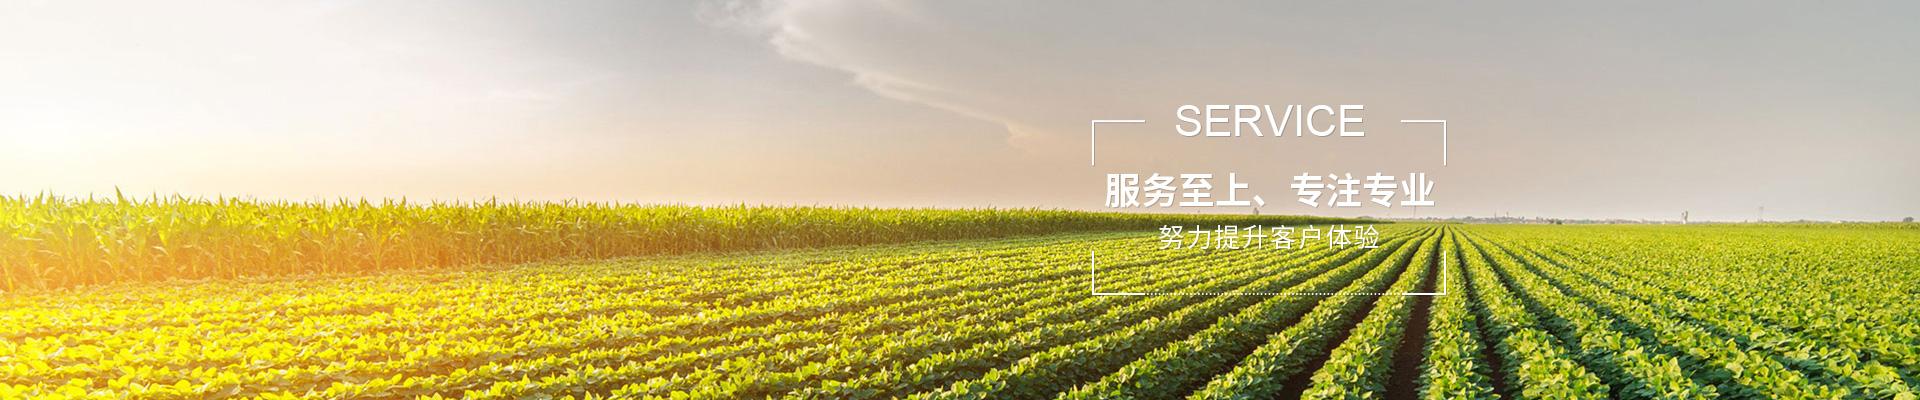 張家港創新國內陸運收購價「蘇州市正天貨運有限公司」